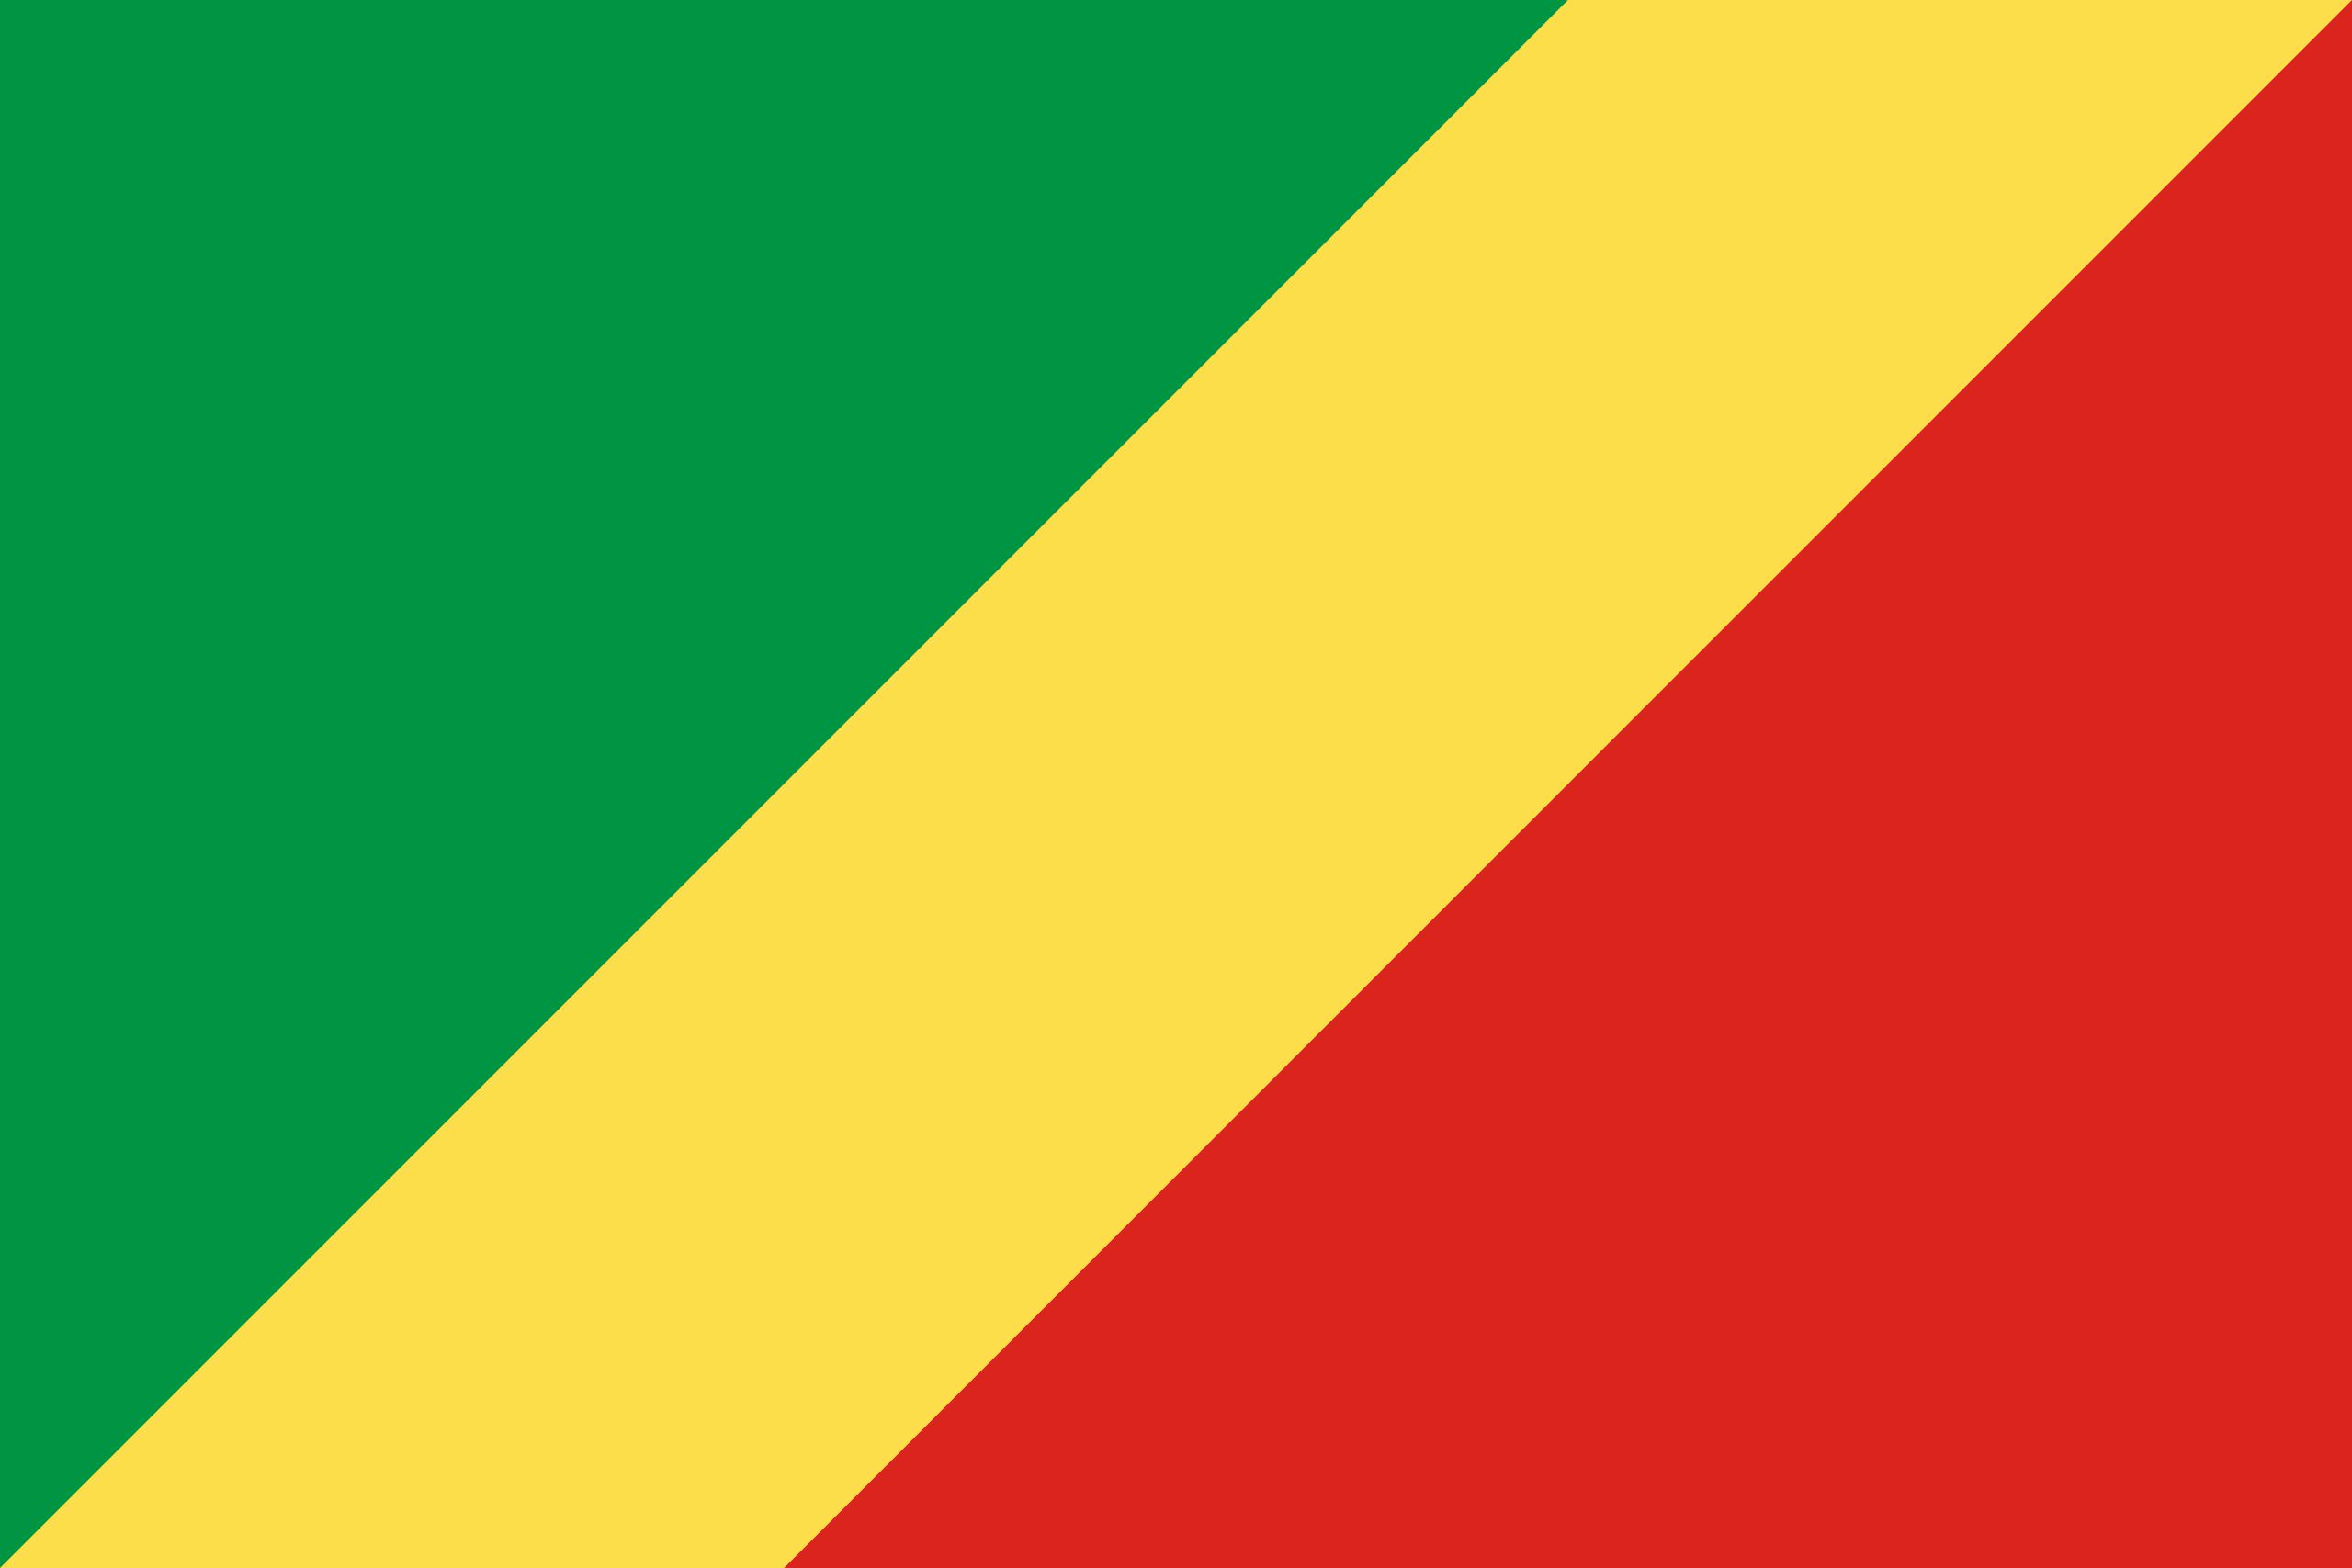 república del congo, Land, Emblem, Logo, Symbol - Wallpaper HD - Prof.-falken.com